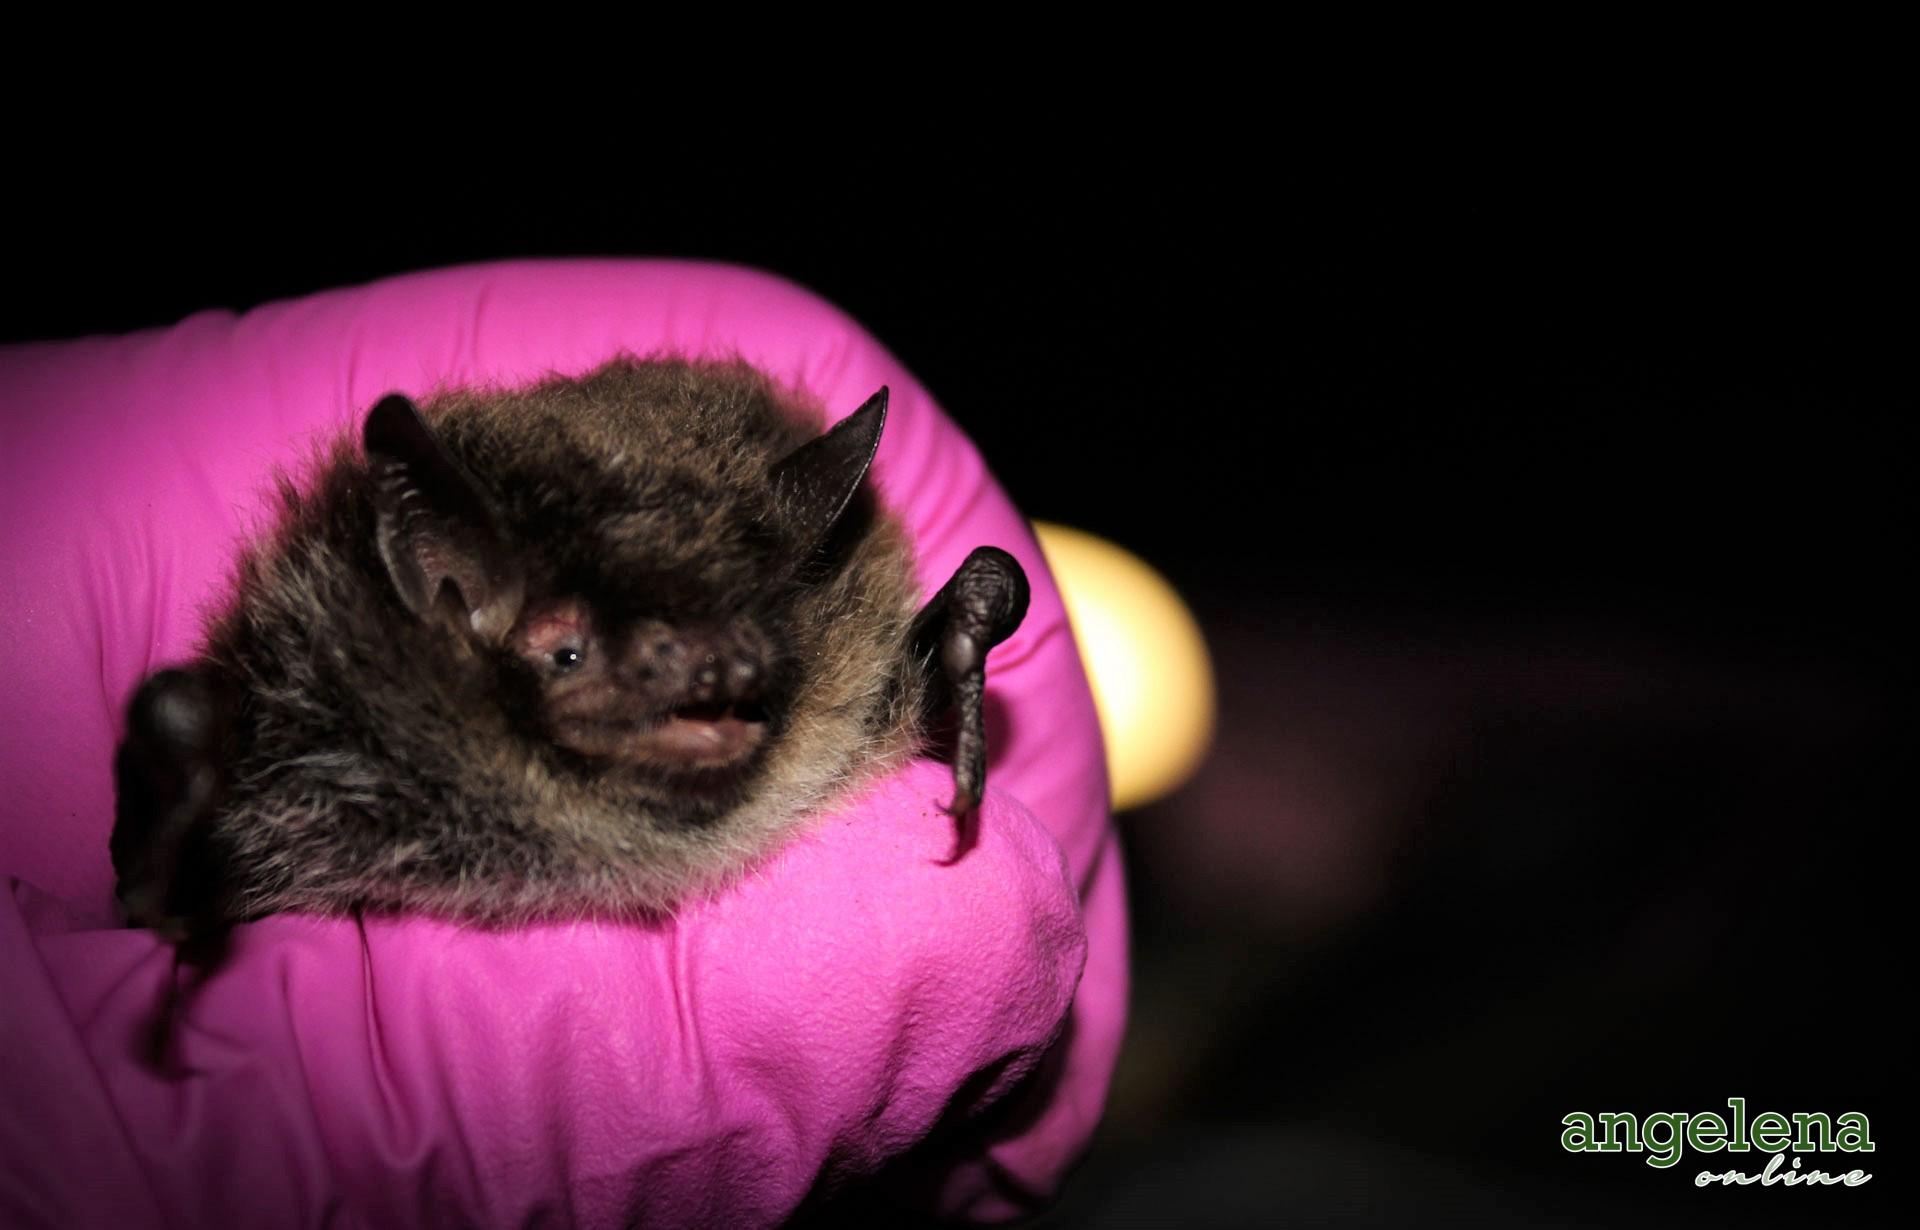 Daubentons bat (England)